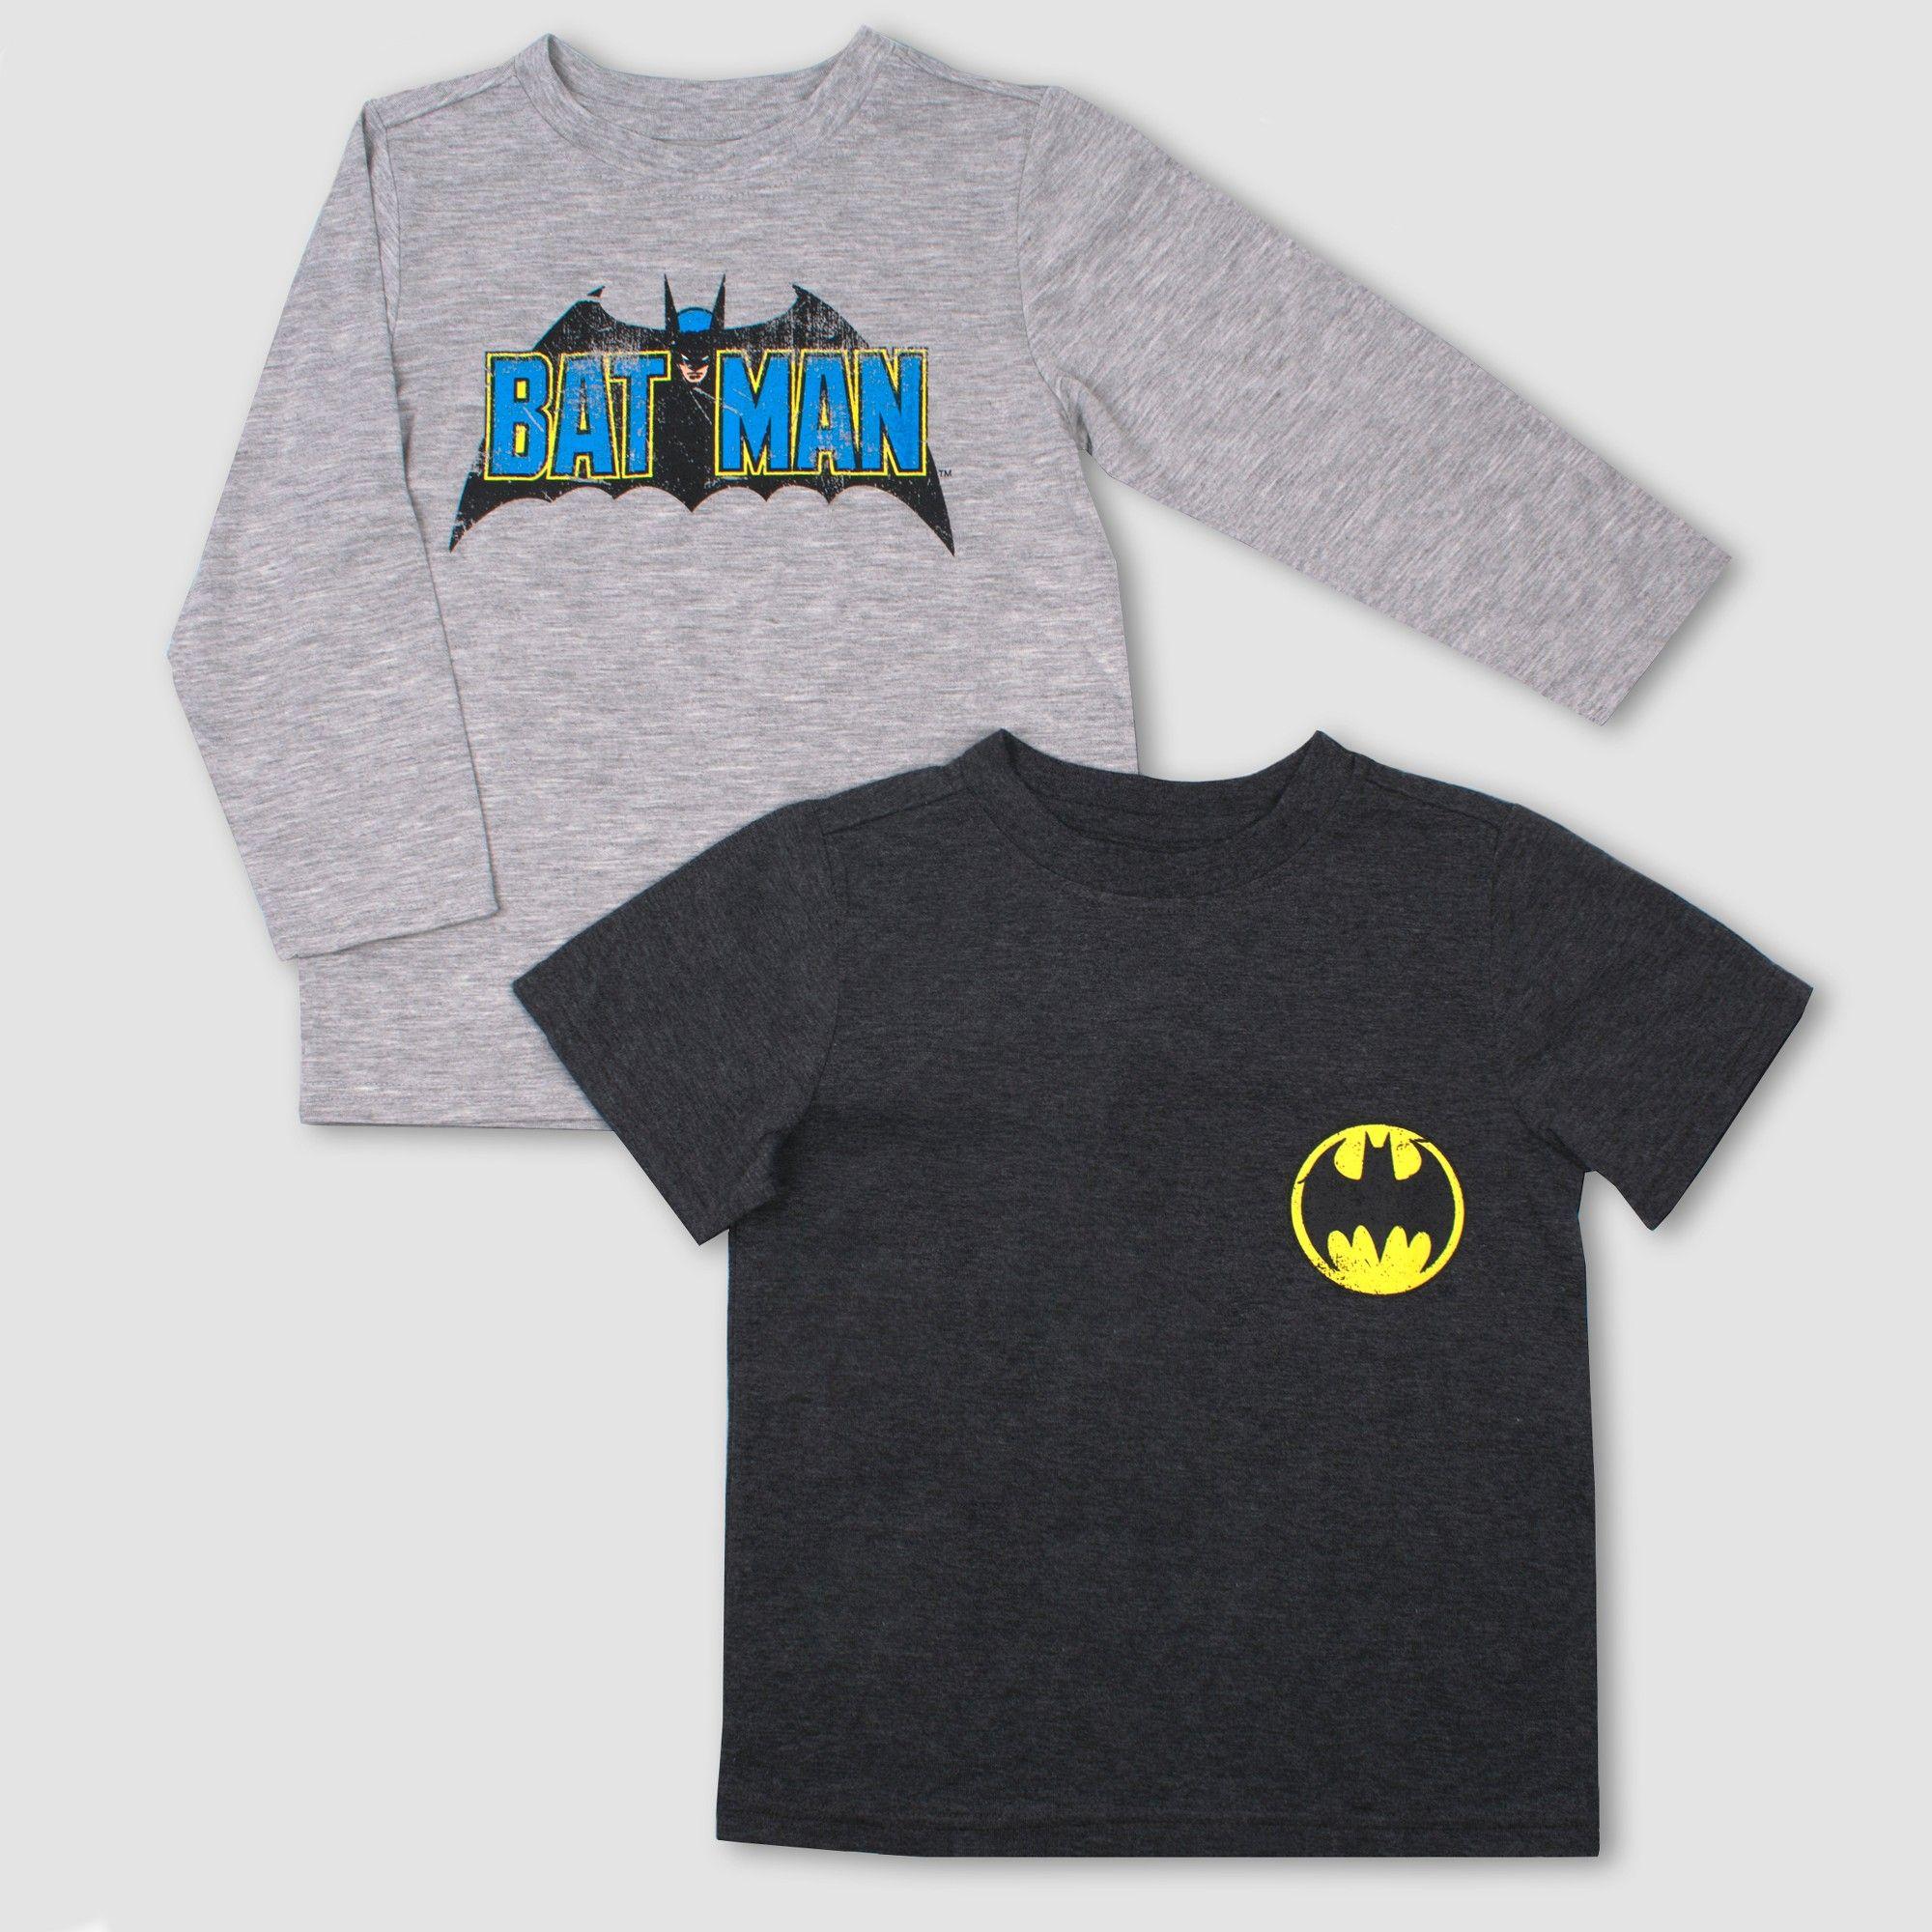 14171642d01 Dc Comics T Shirts Target